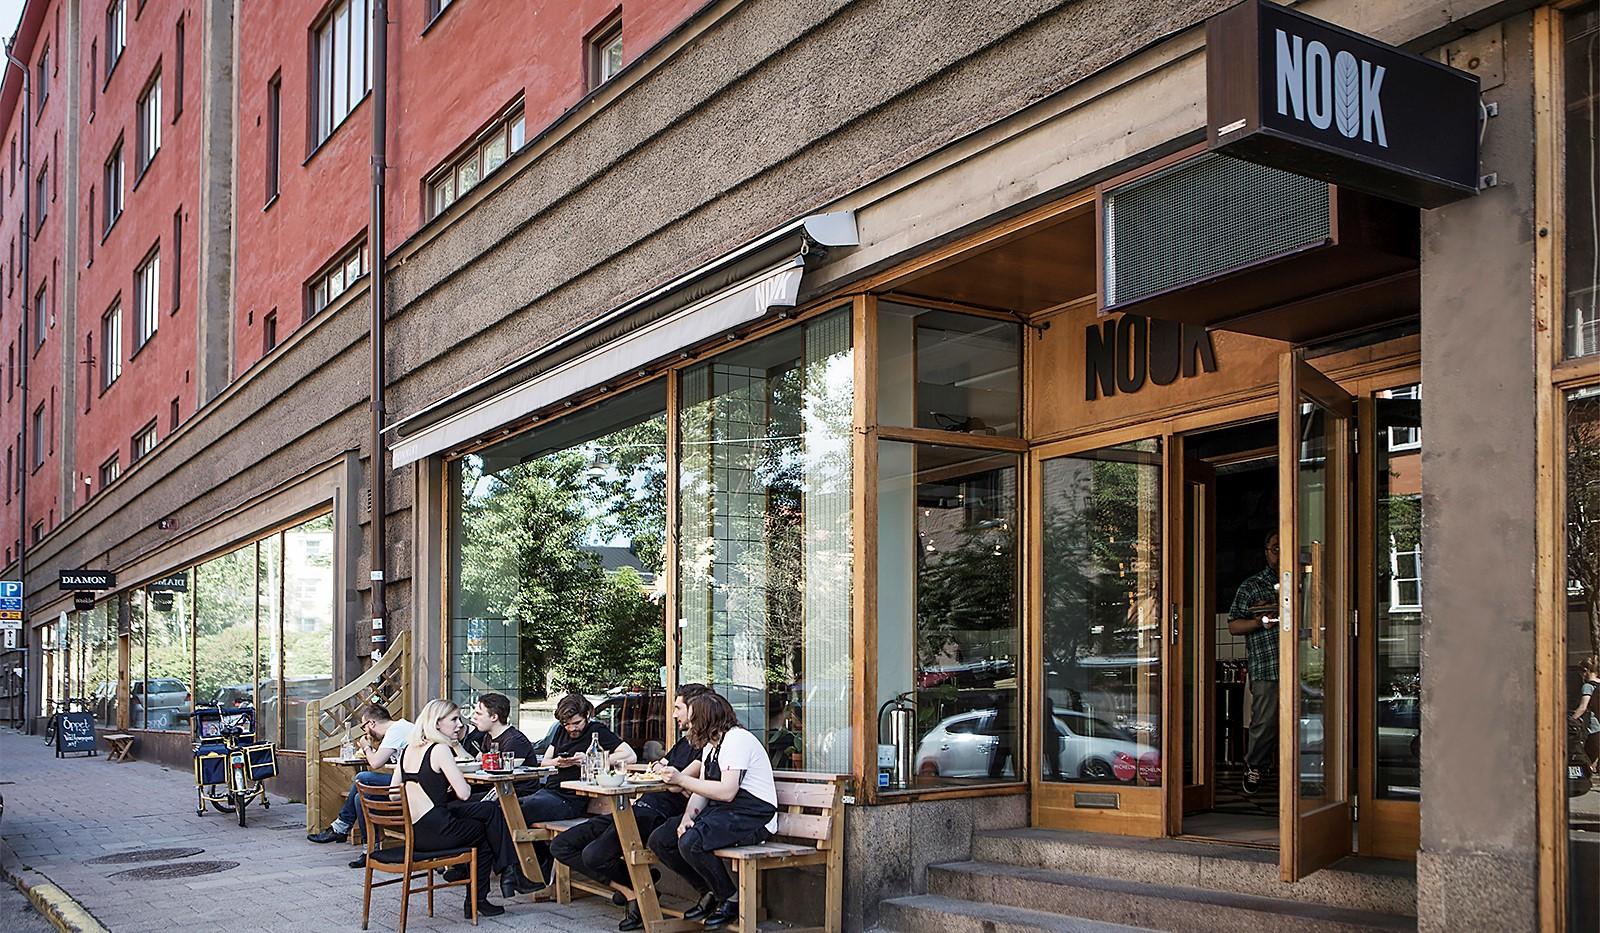 Sågargatan 14 - Restaurang Nook på Åsögatan